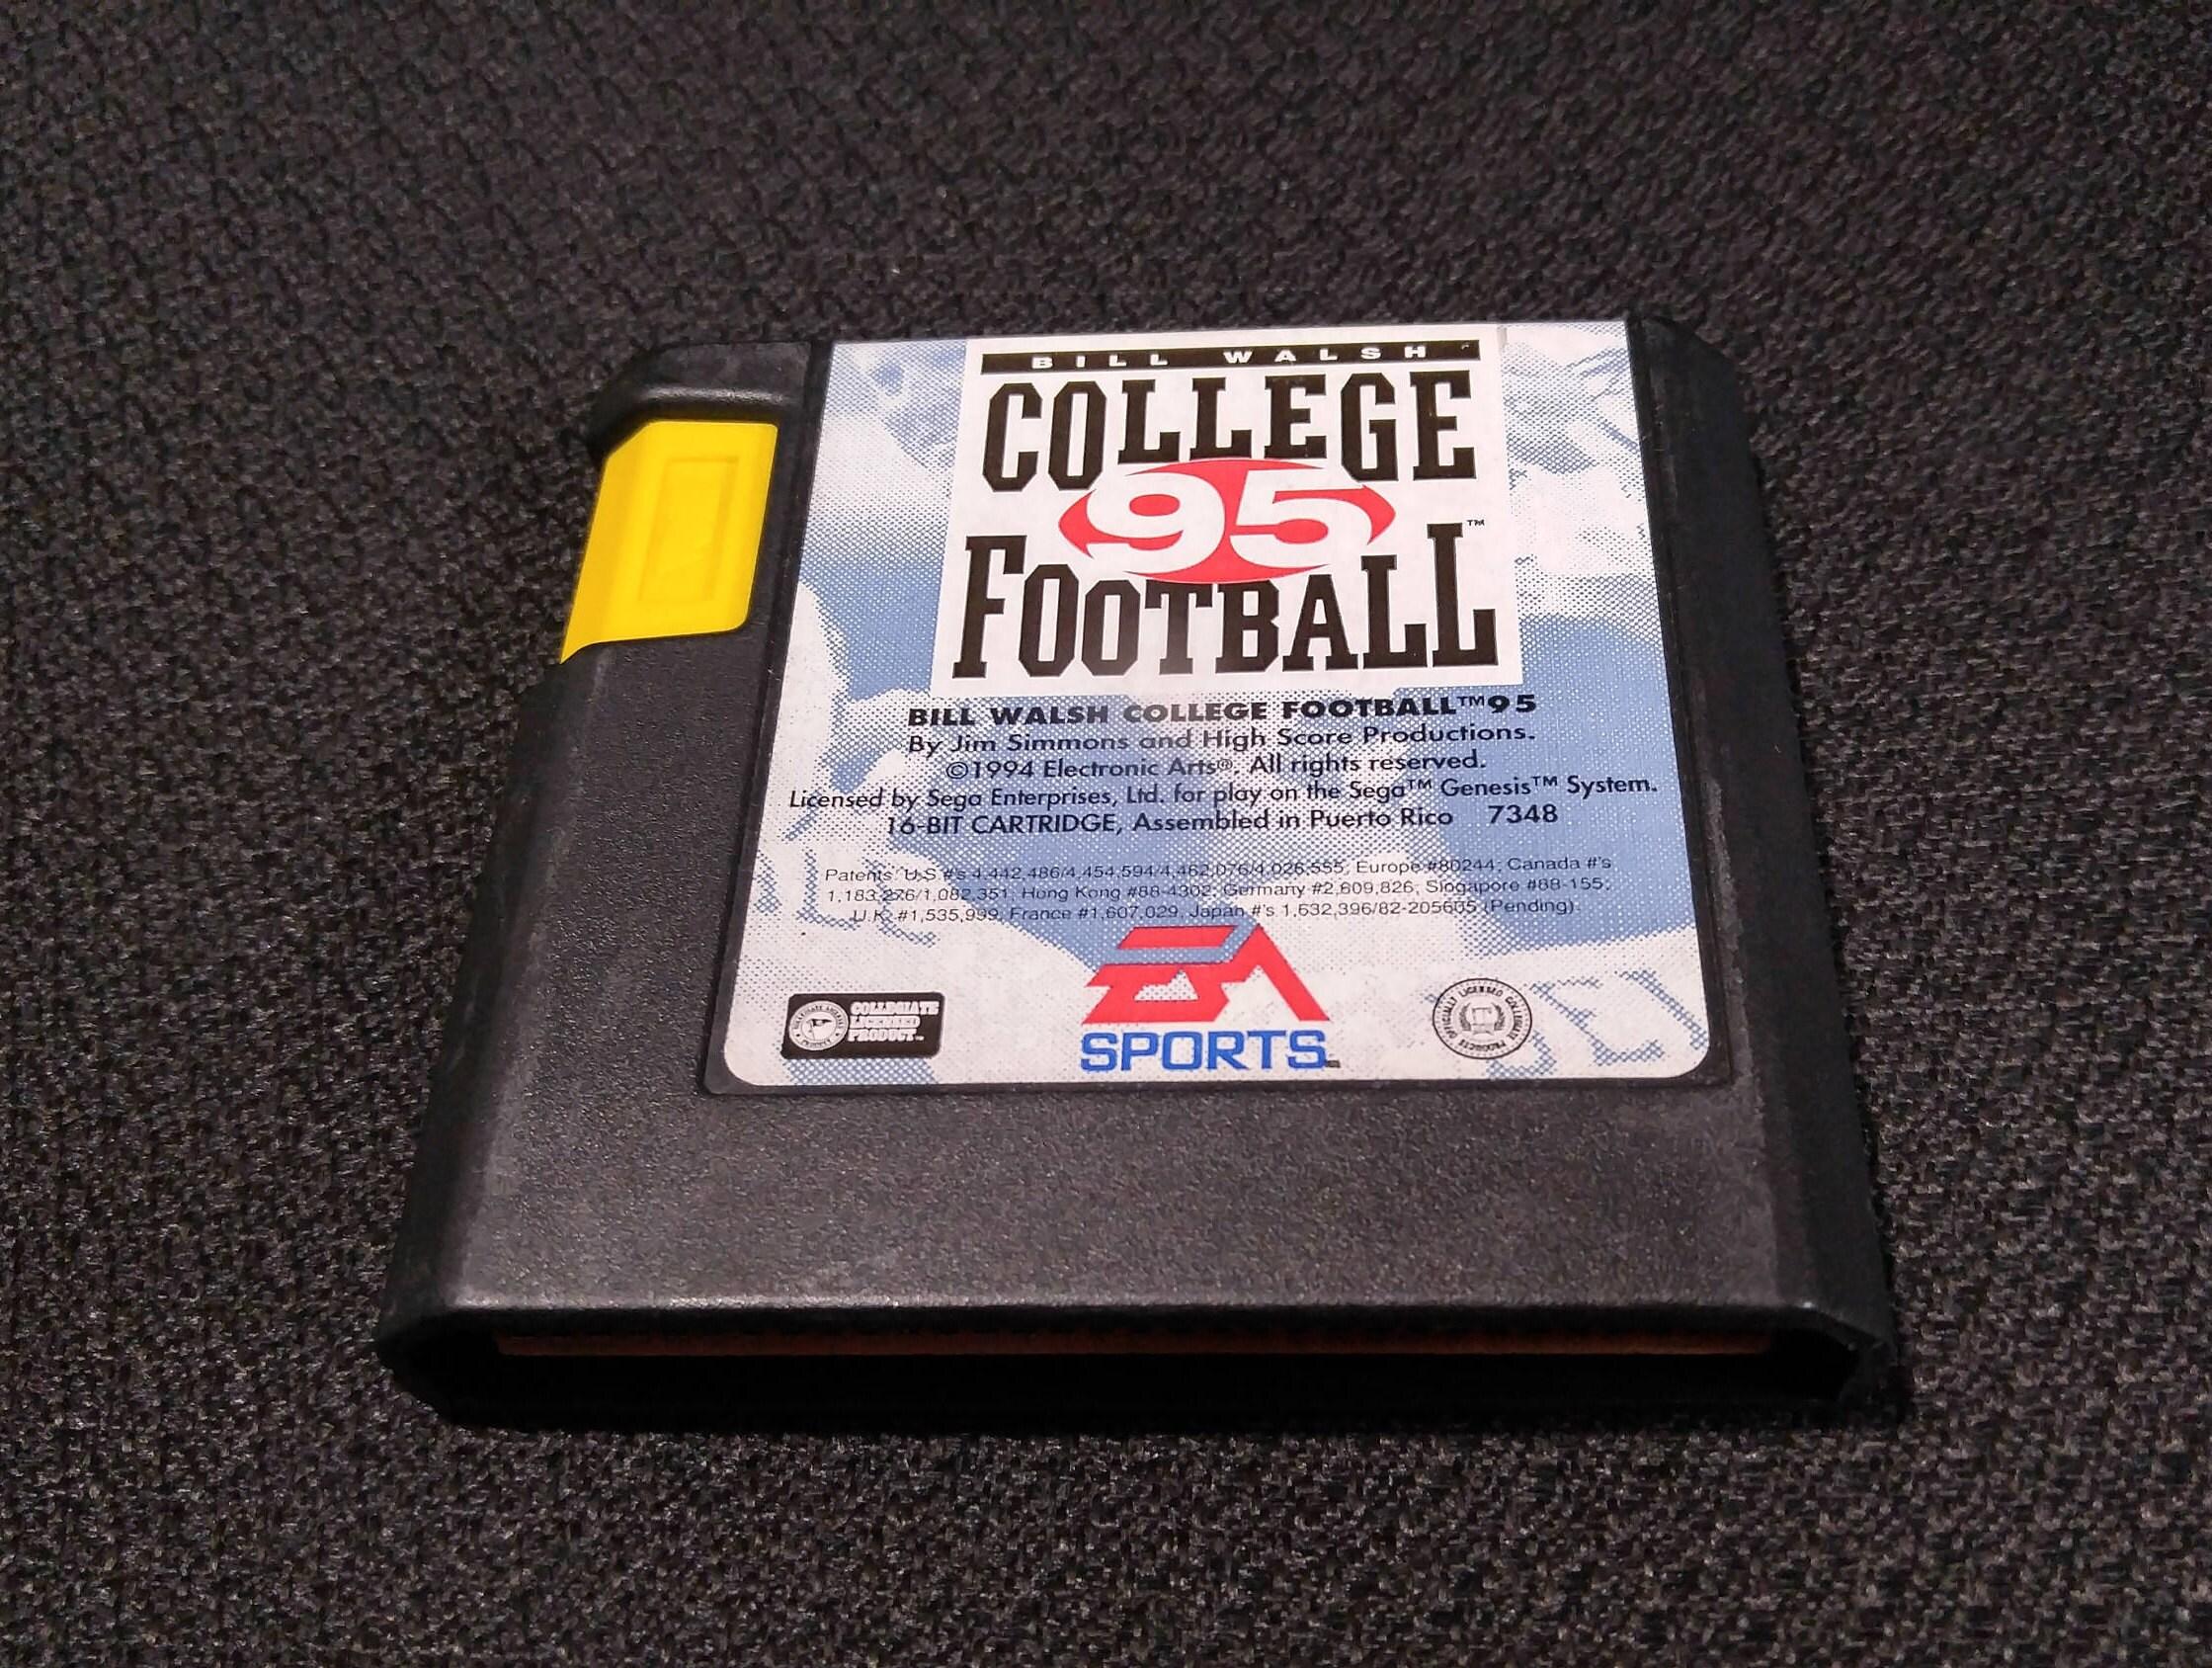 Bill Walsh College Football 95 Sega Genesis Video Game Cleaned